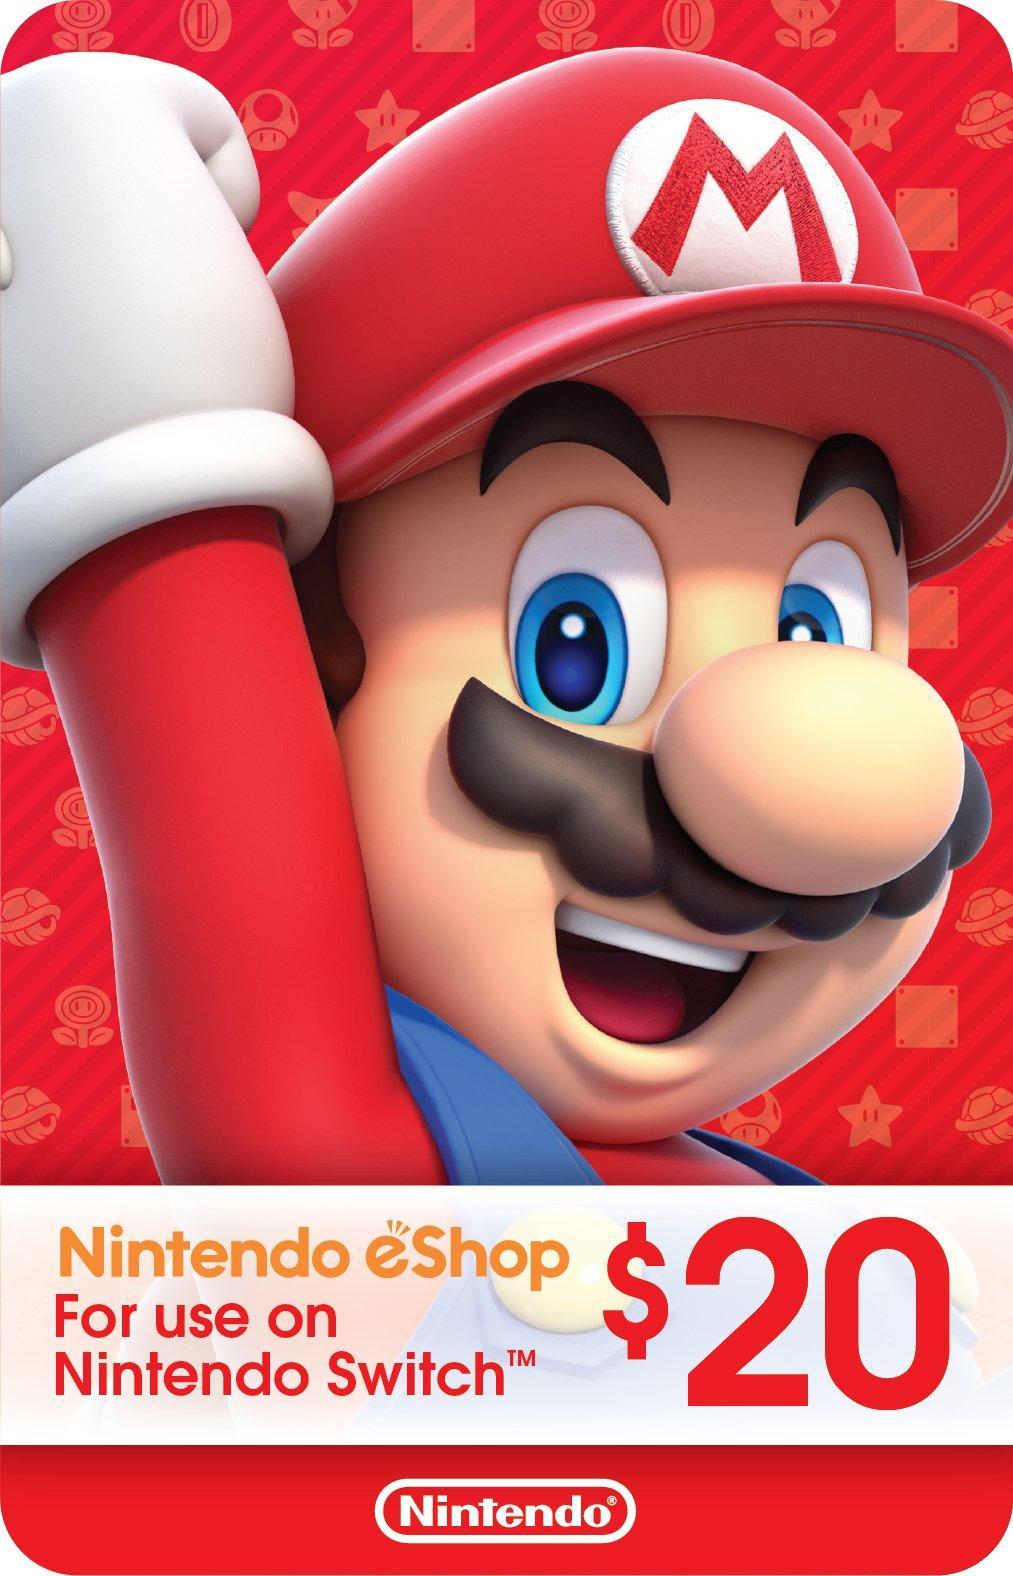 Nintendo eShop Digital Card $20 | <%Console%> | GameStop